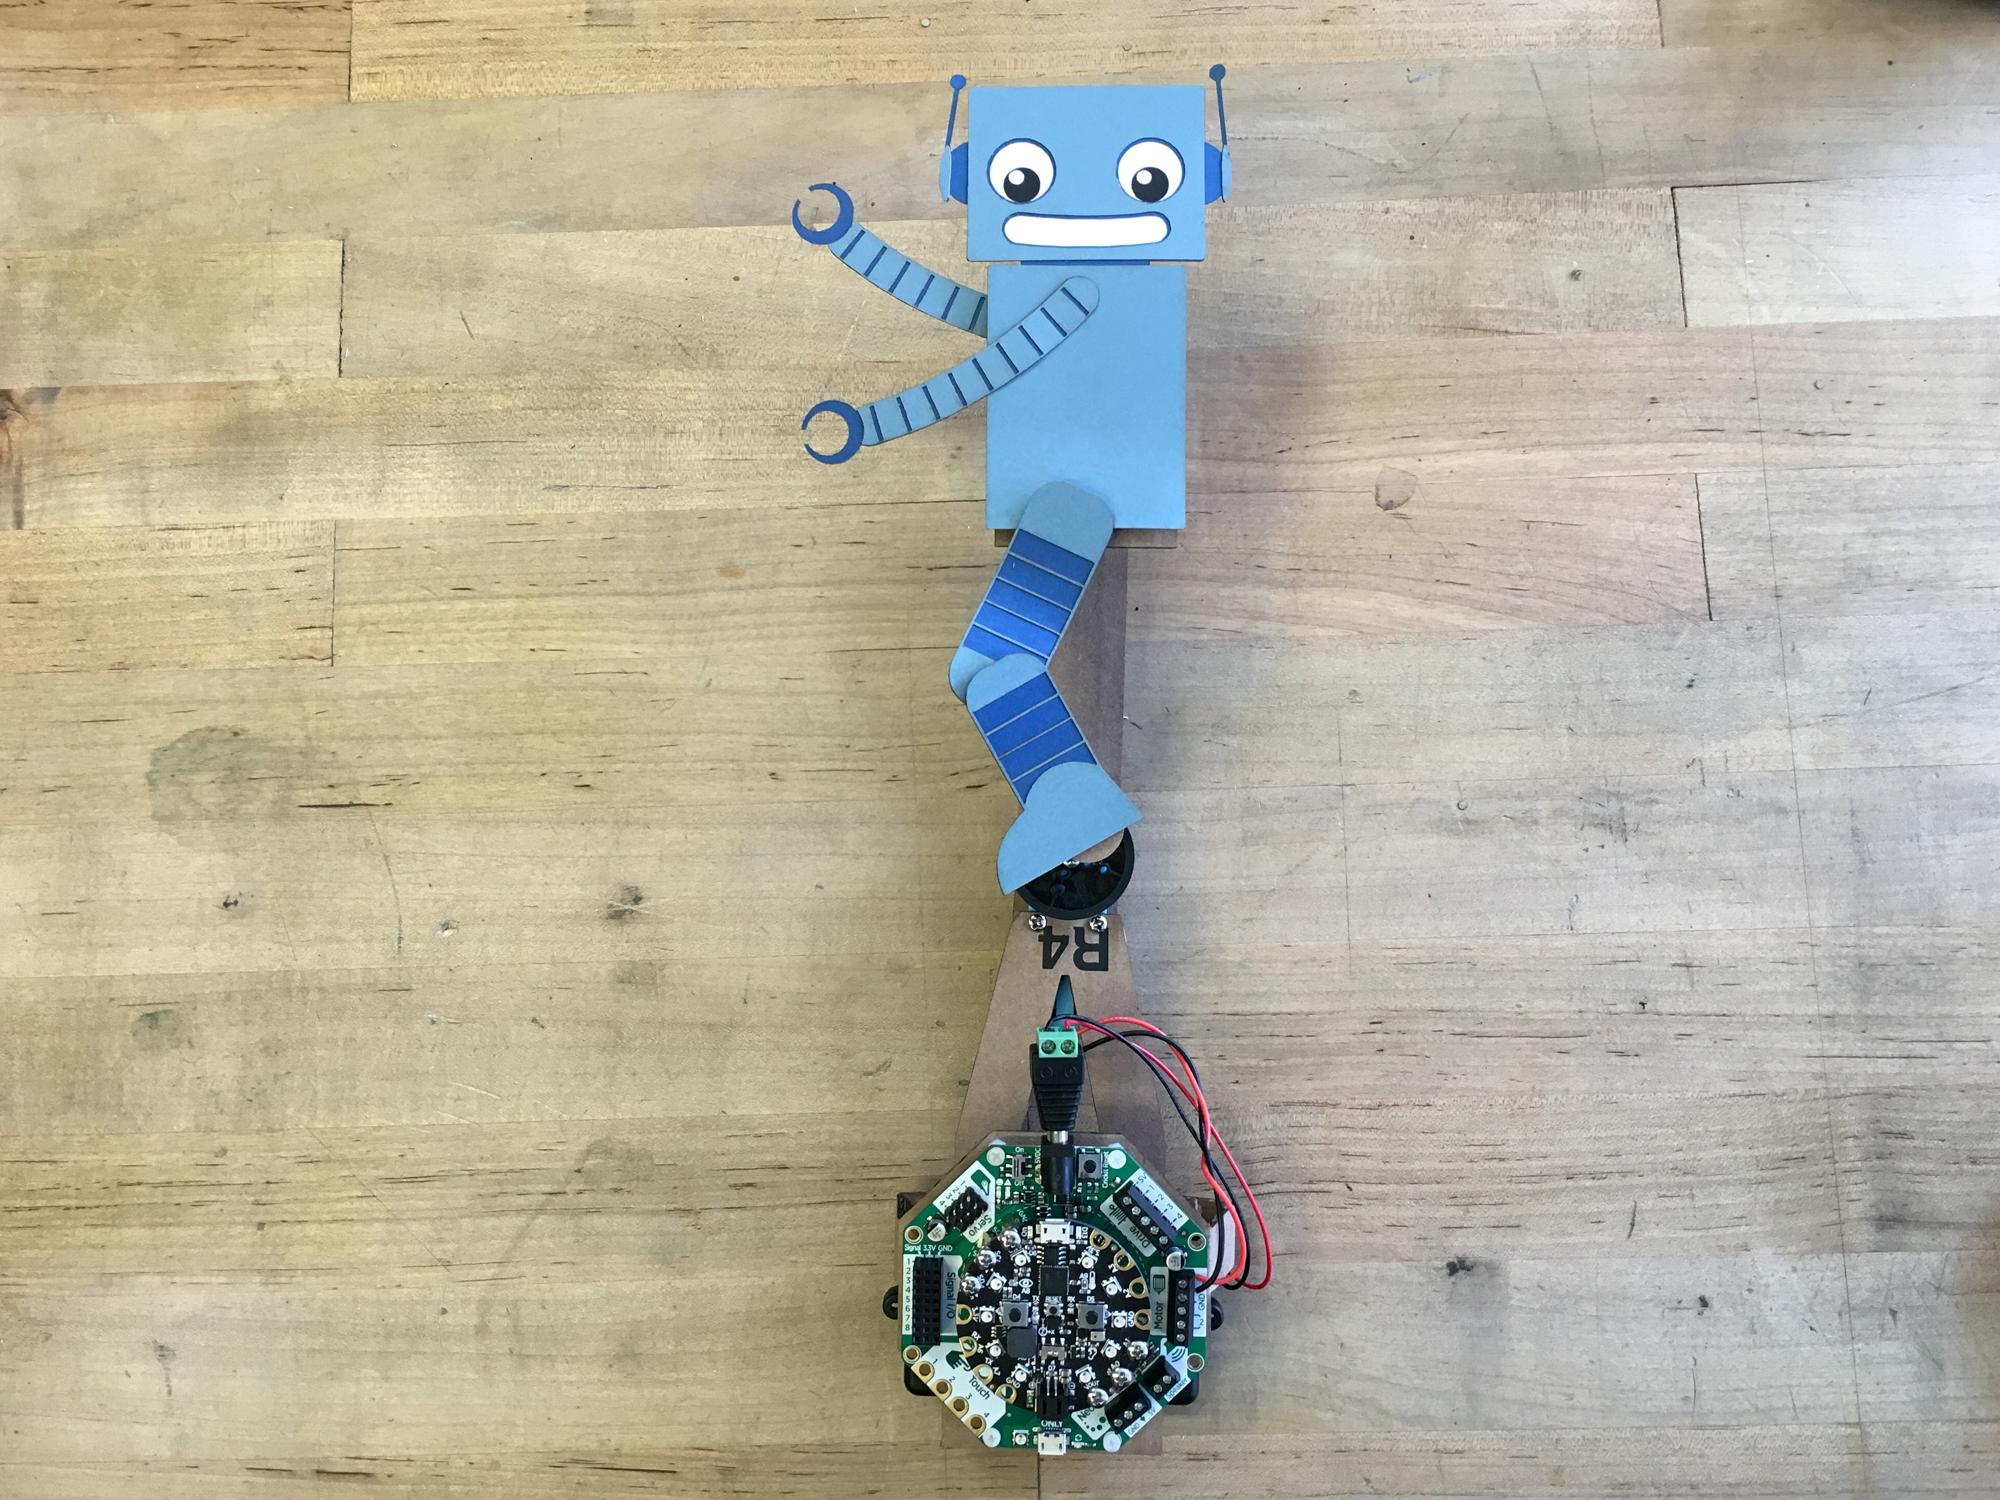 robotics___cnc_uni_bot_0103_2k.jpg